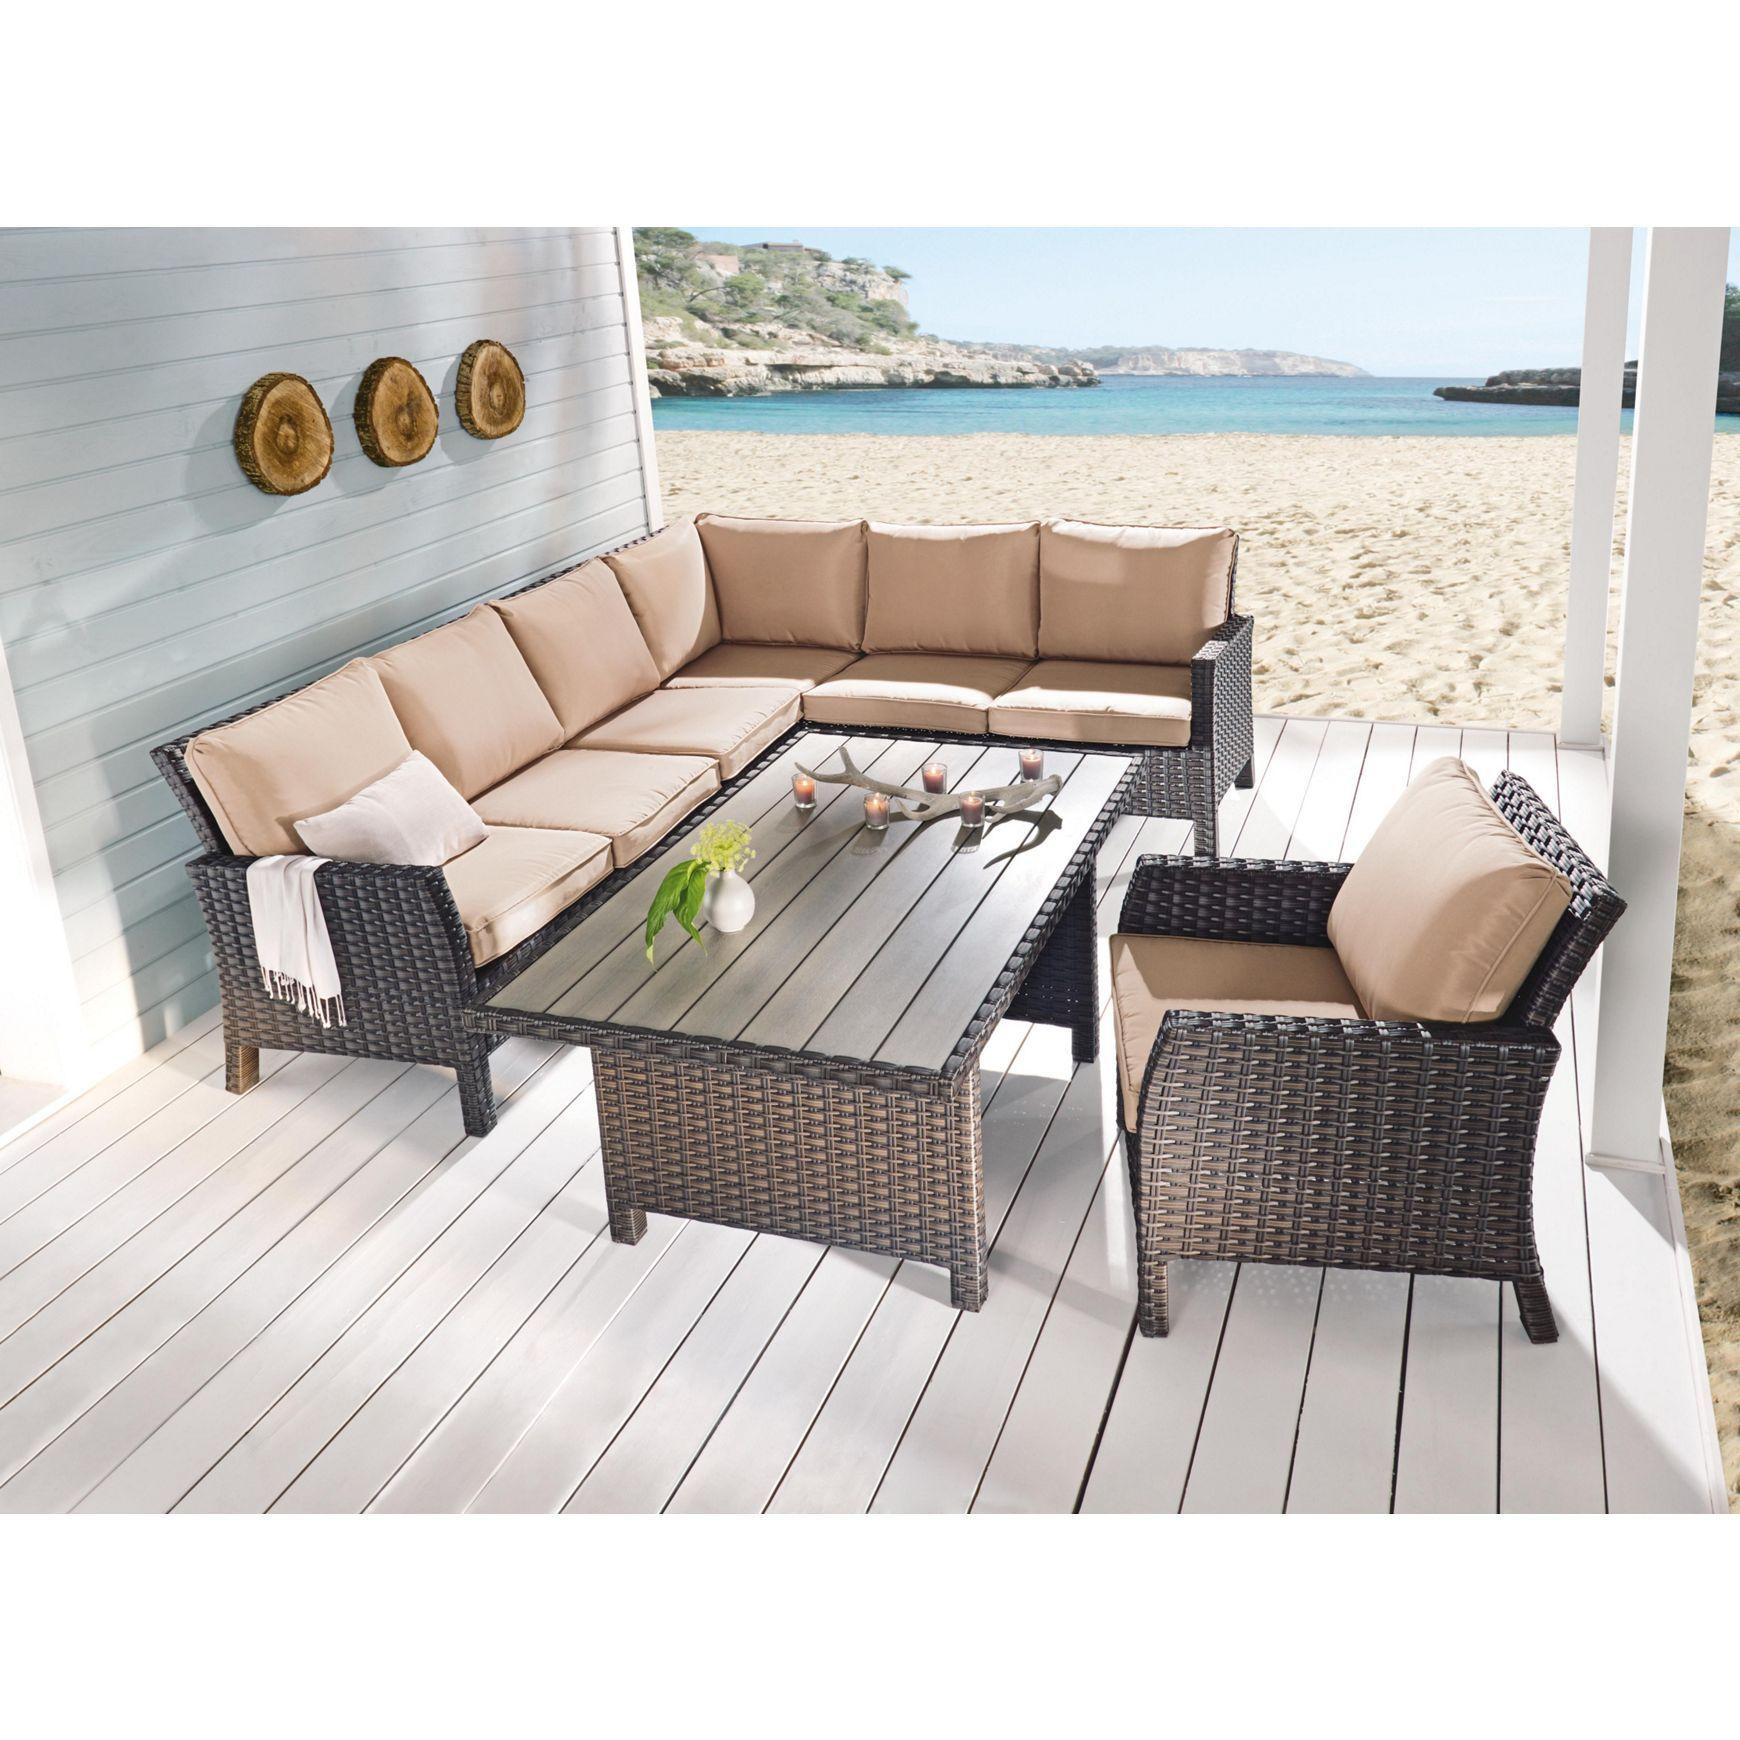 Sympathisch Lounge Möbel Garten Foto Von Loungegarnitur - Loungemöbel - Gartenmöbel - Produkte